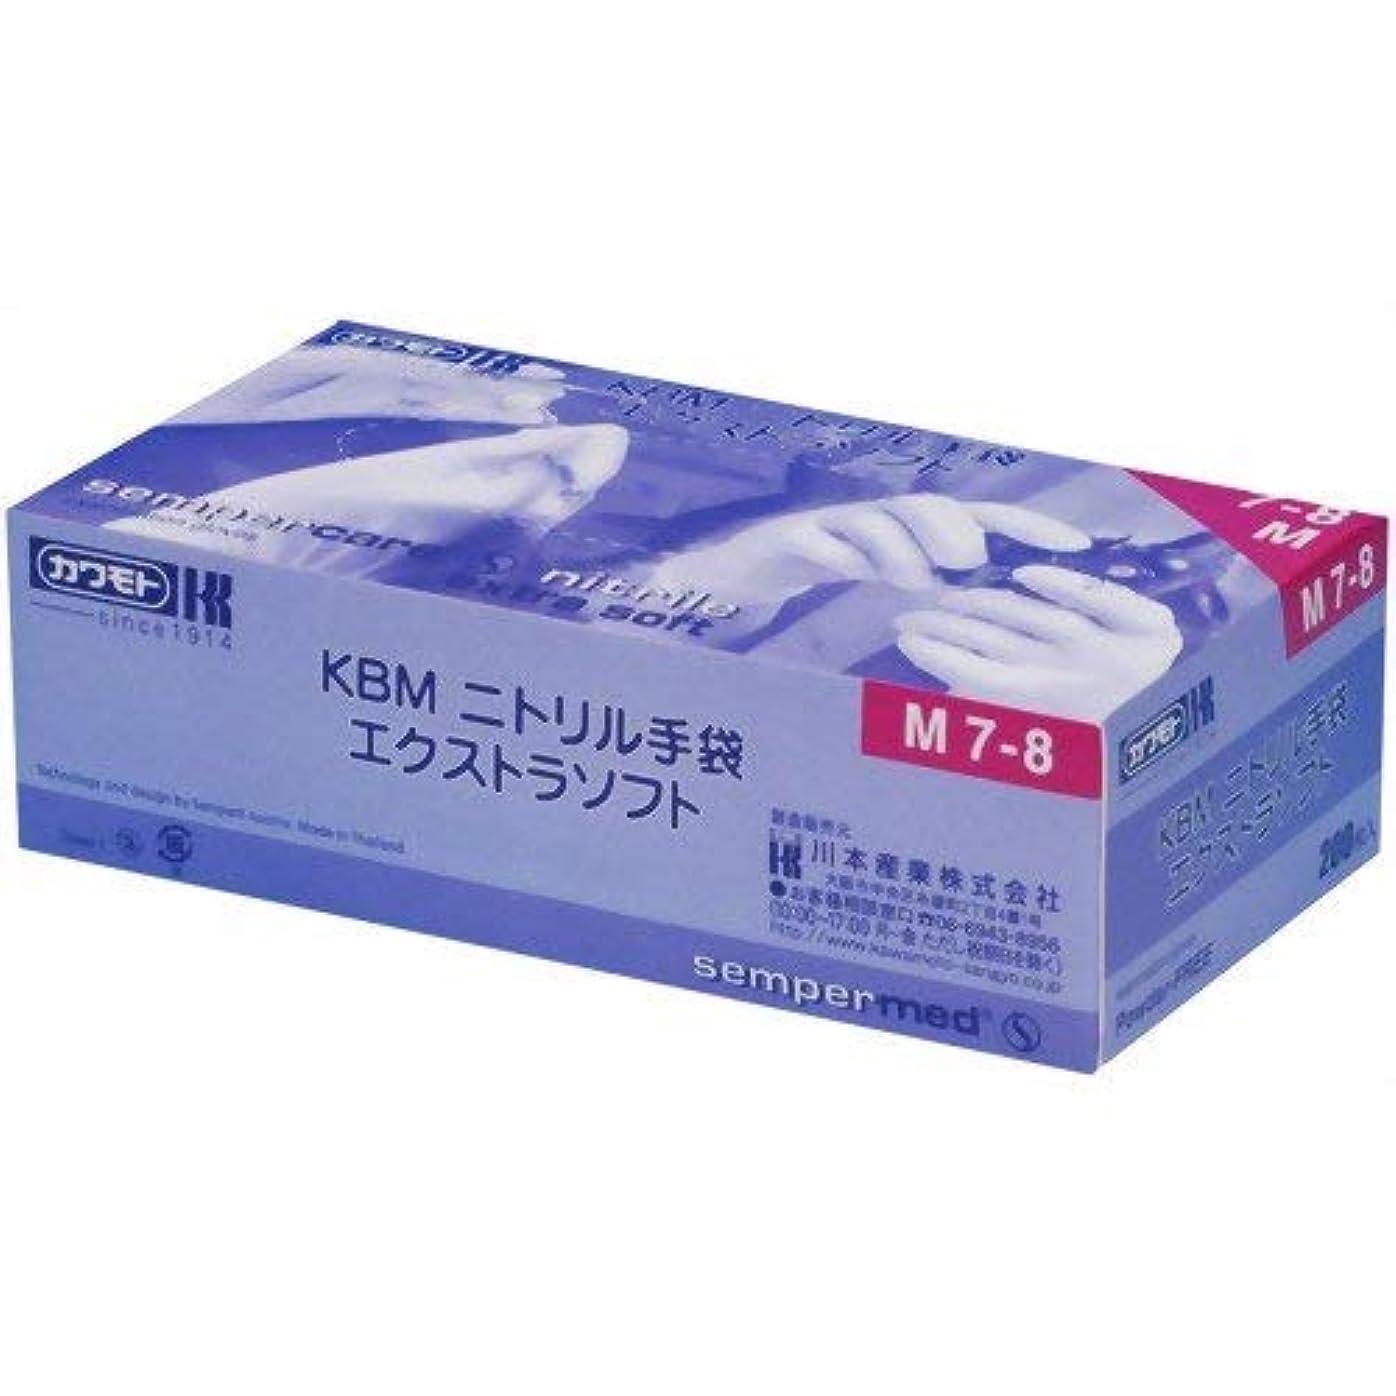 小石ブレンド士気川本産業 KBMニトリル手袋 エクストラソフト L 200枚入 × 5個セット